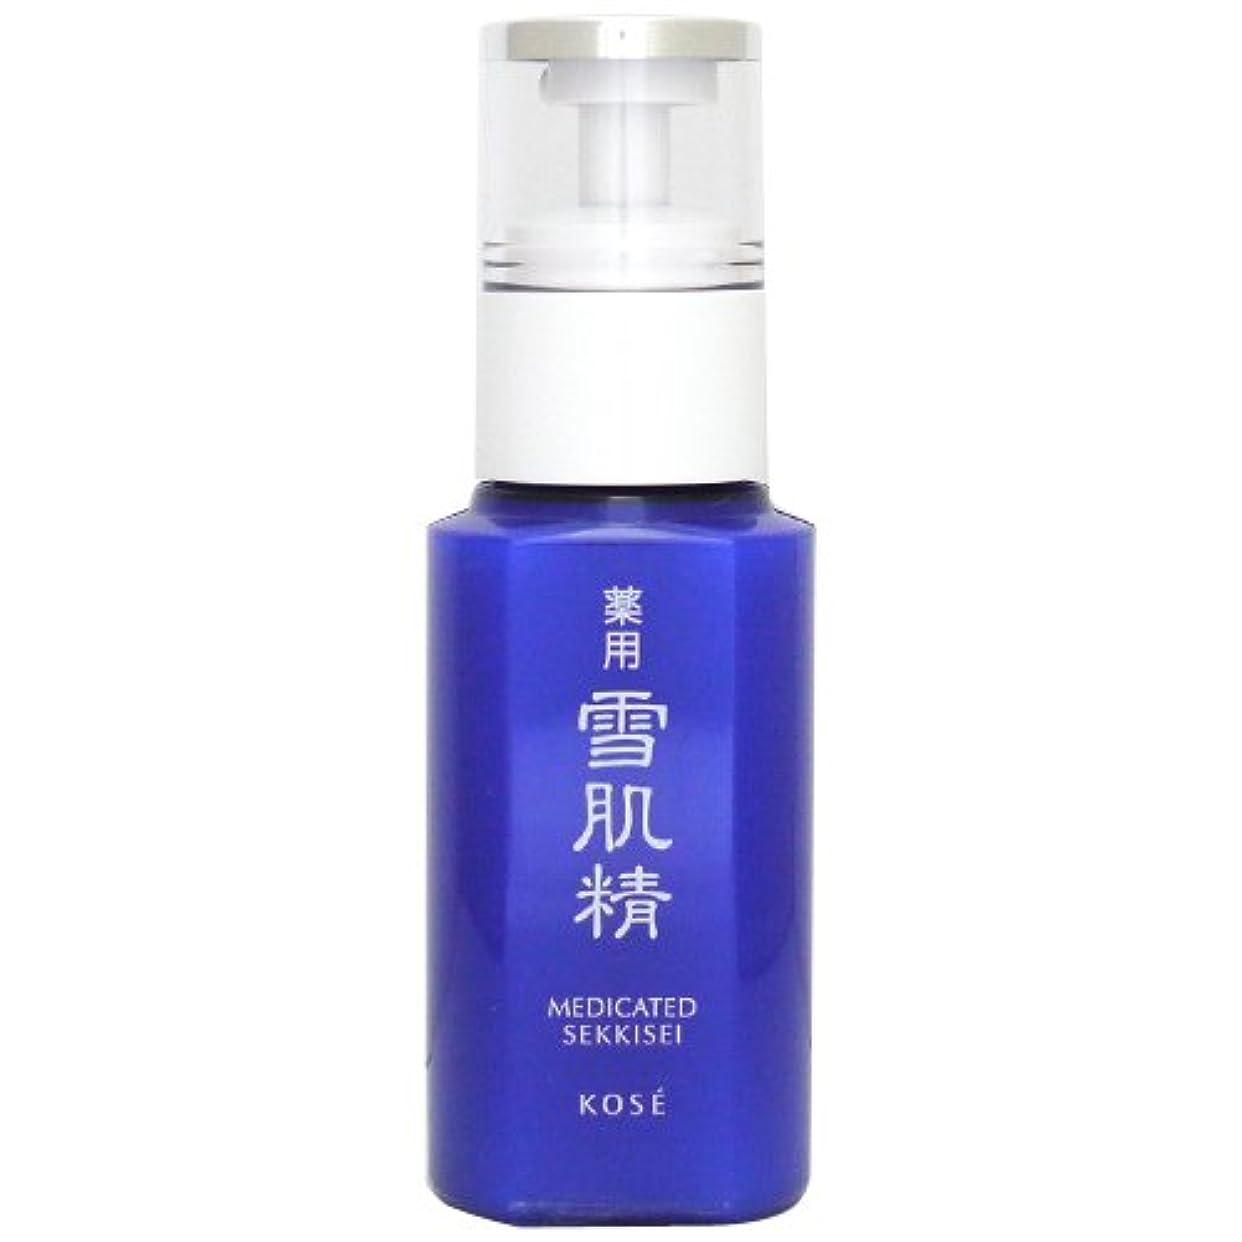 人工ソフトウェア優雅なコーセー雪肌精 薬用 乳液(トライアルサイズ) 限定 【save the blue】 70mL